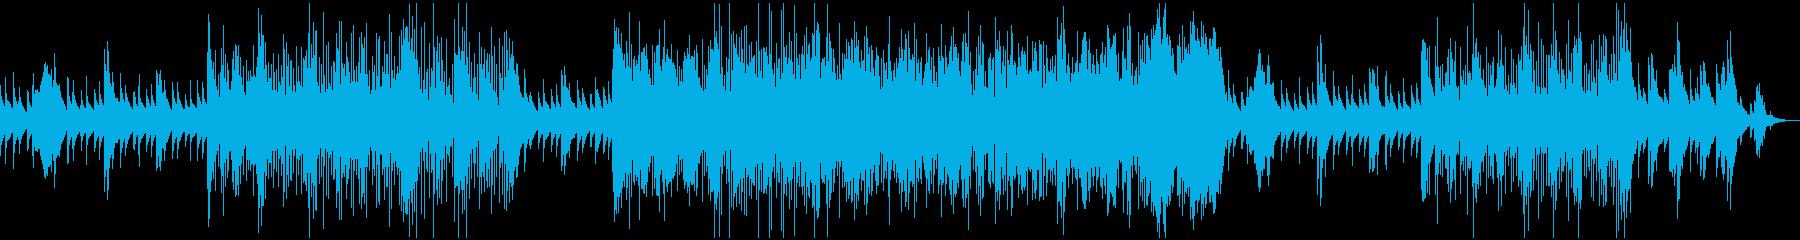 夜の静かなバーで飲む時のスイングJazzの再生済みの波形